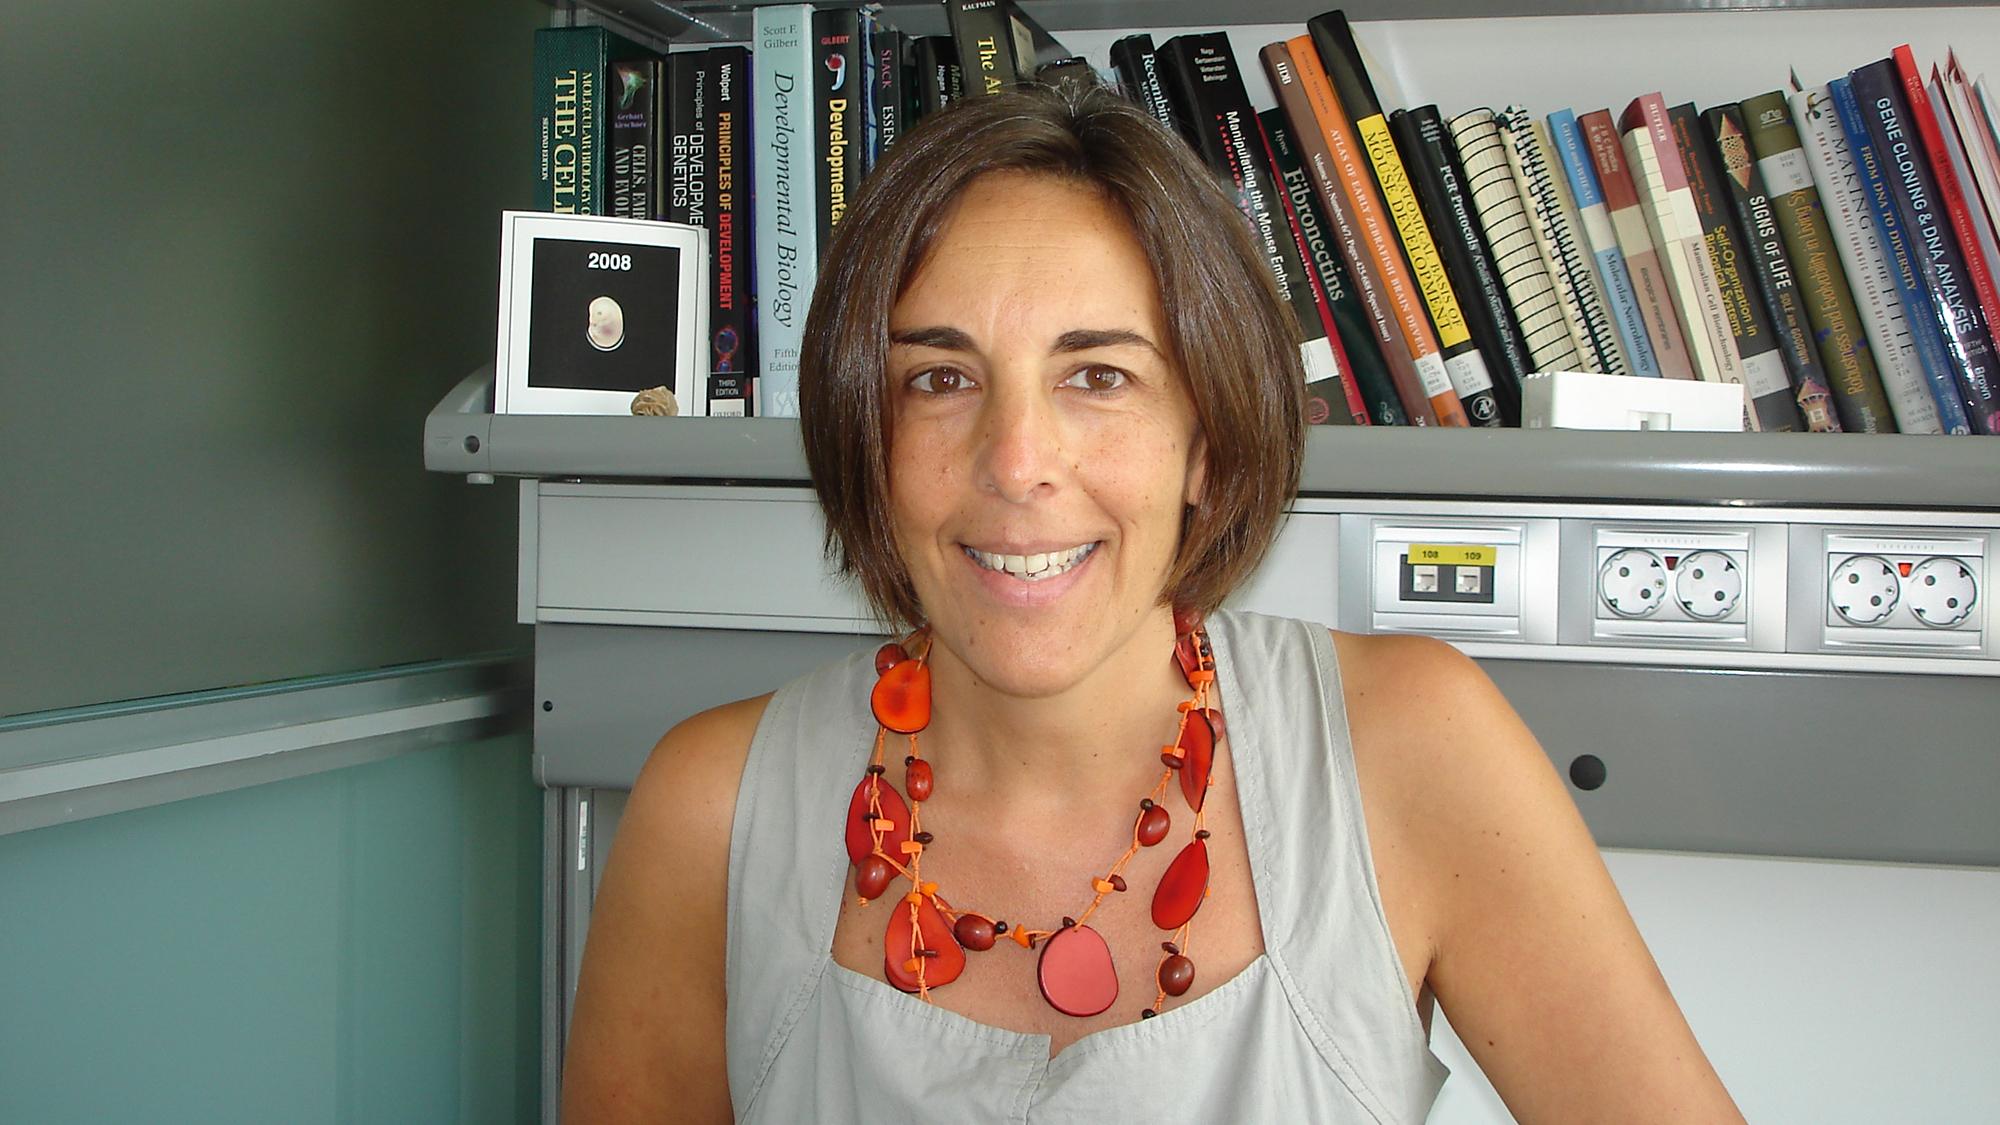 Cristina Pujades, científica e investigadora en el Departamento de Ciencias Experimentales y de la Salud, Universidad Pompeu Fabra (DCEXS-UPF).